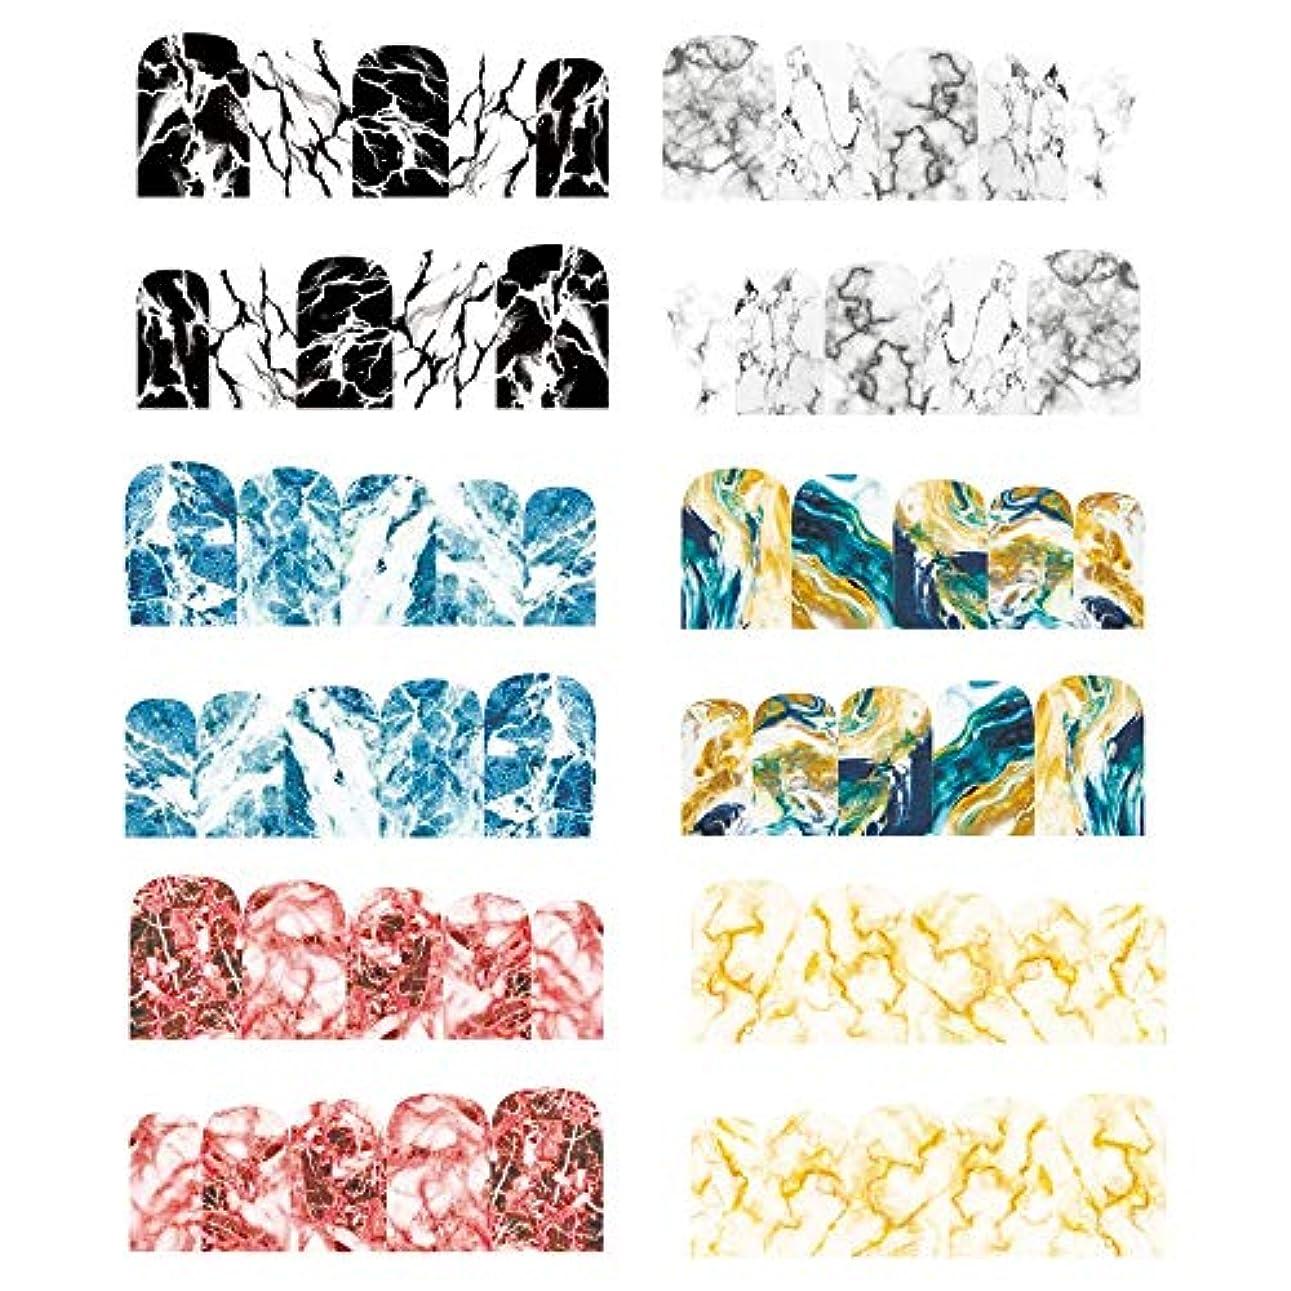 理論的式約ネイルステッカー DIY 3Dネイルシール ネイルパーツ 大理石 ネイルシール デコ ウォーターシールネイルアートシール ステッカー 貼り紙 綺麗 6ピース